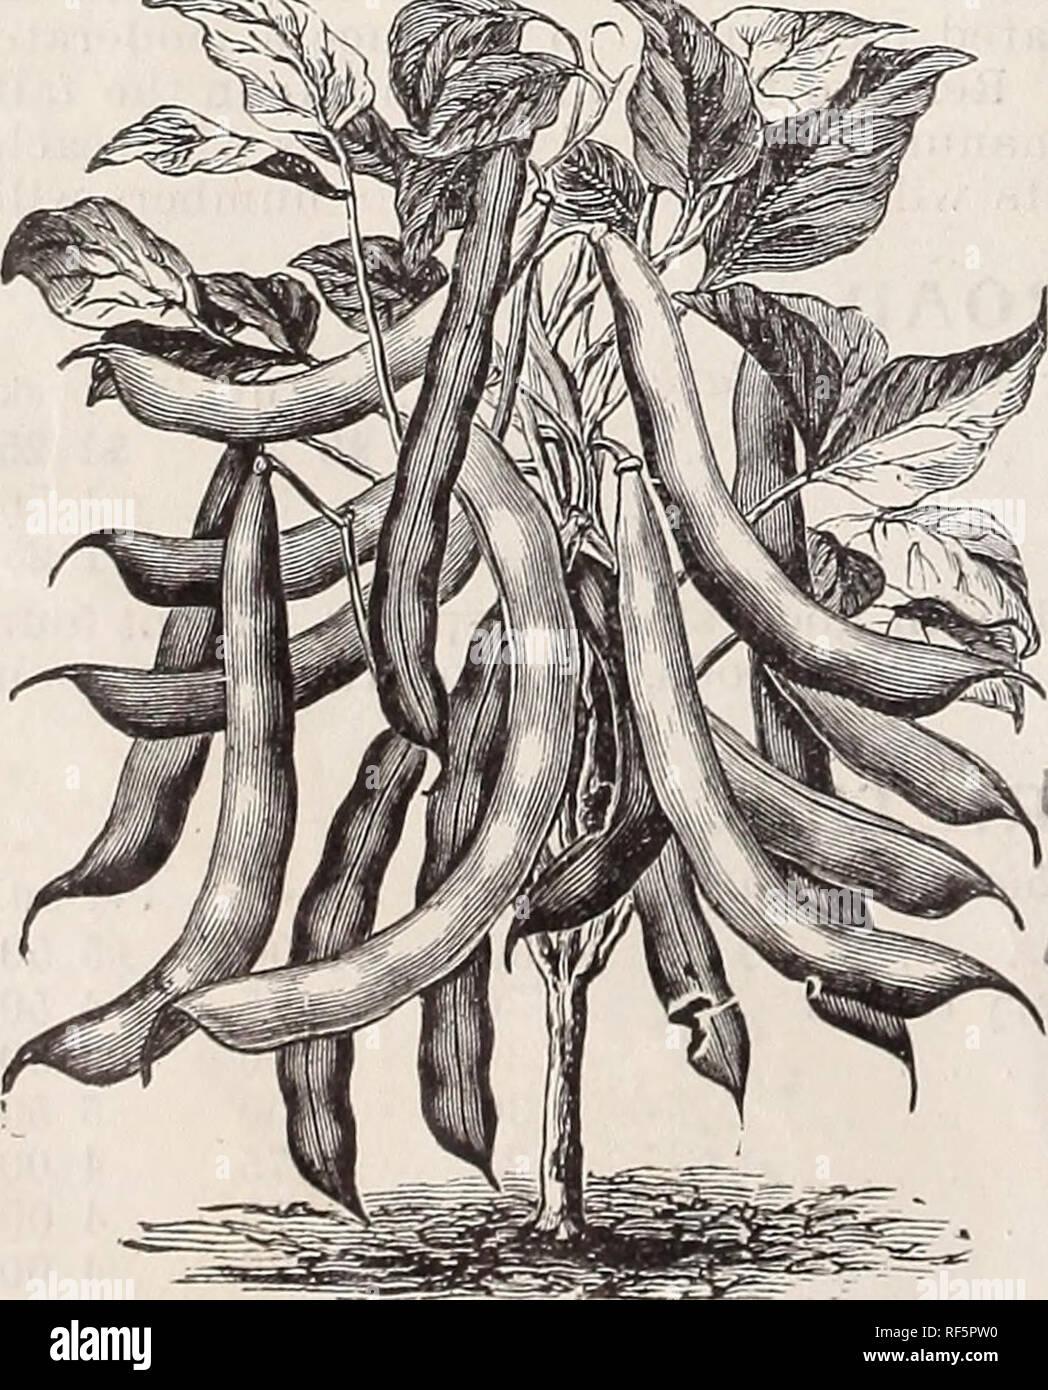 """. High Class Samen und implementiert. Baumschulen New Jersey Paterson Kataloge; Gemüse; Blumen Samen Samen Kataloge Kataloge; Gräser, Samen Kataloge; landwirtschaftliche Arbeitsgeräte Kataloge. Die Burpee Folgendes Bush Lima Bohnen. """"Flüchtling, oder tausend zu eins, weitgehend groAvn für BEIZEN ich ^^ong Weiß Niere, hervorragend als Shell Bean, Green oder Reifen ^w^ Hite flarrowfat, umfangreich zum Verkauf in trockenem Zustand^^ olden Flüchtling gewachsen, Hülsen, runde und helle Farbe^^"""" flageolett grünen Samen, verwendet als Shell Bean, wenn Grün t Zwerg weiß Lima^, Burpee Folgendes Bush Lima, groß und flach, sehr produktive ZWERG WACHS VARIETI Stockfoto"""